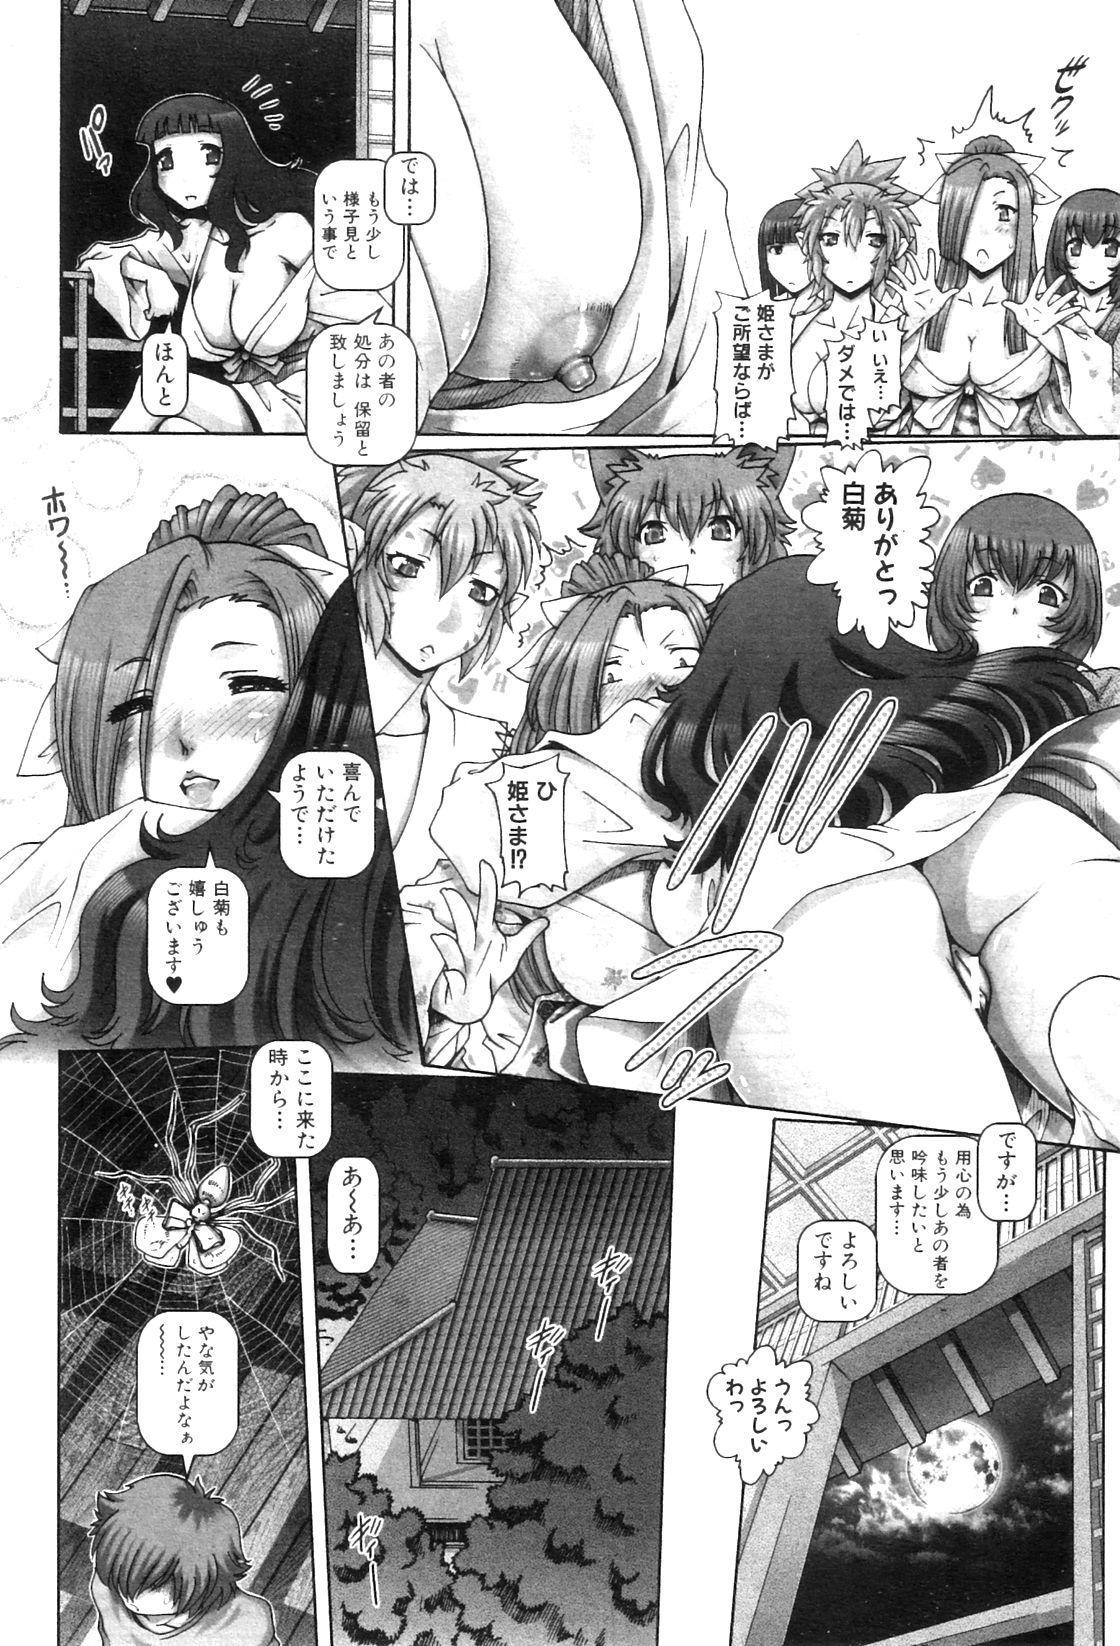 Ayakashiyakata no Tamahime 29